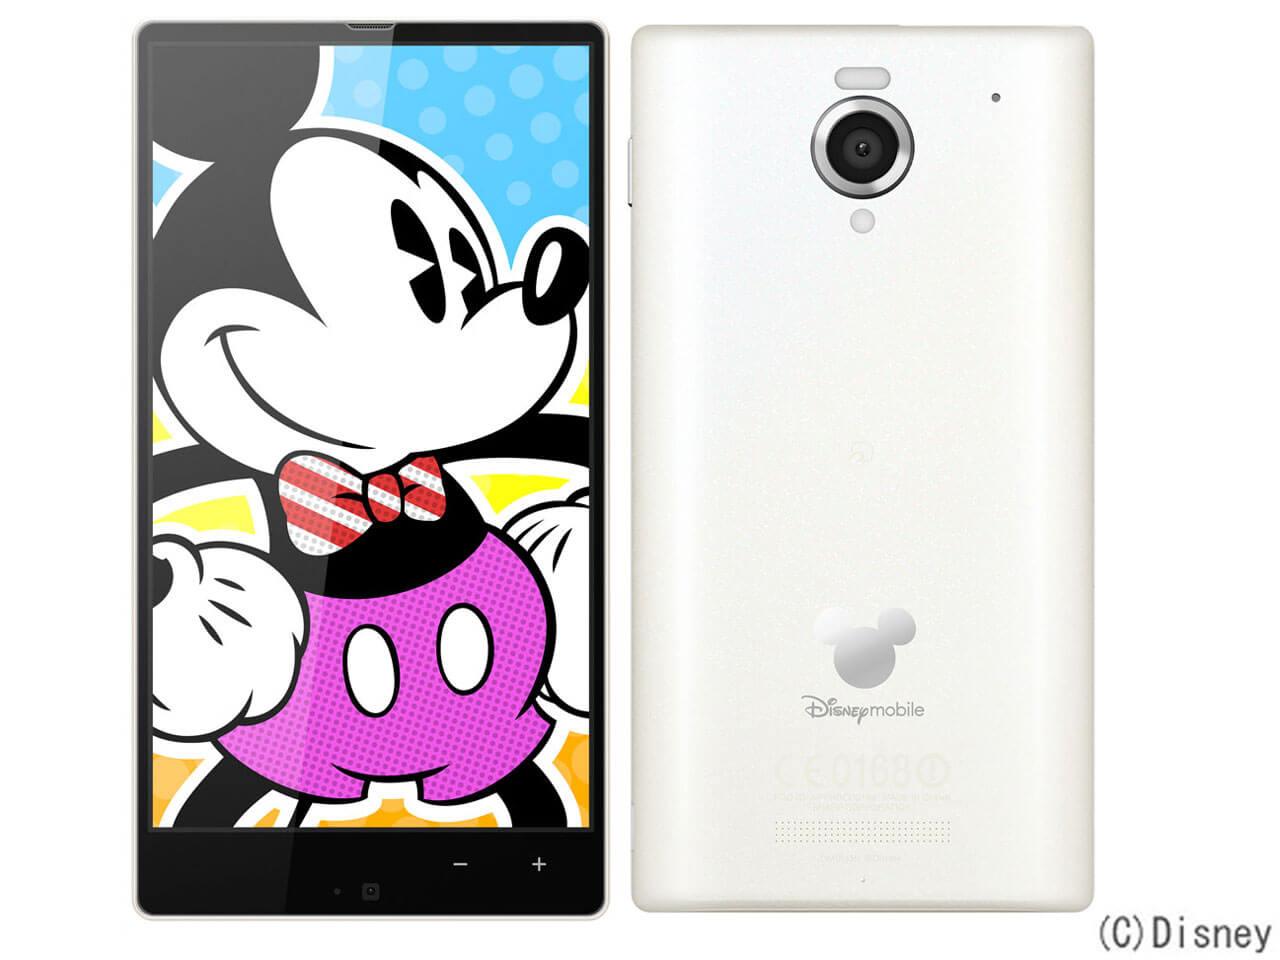 Disney Mobile SHARP Disney Mobile on SoftBank DM016SH